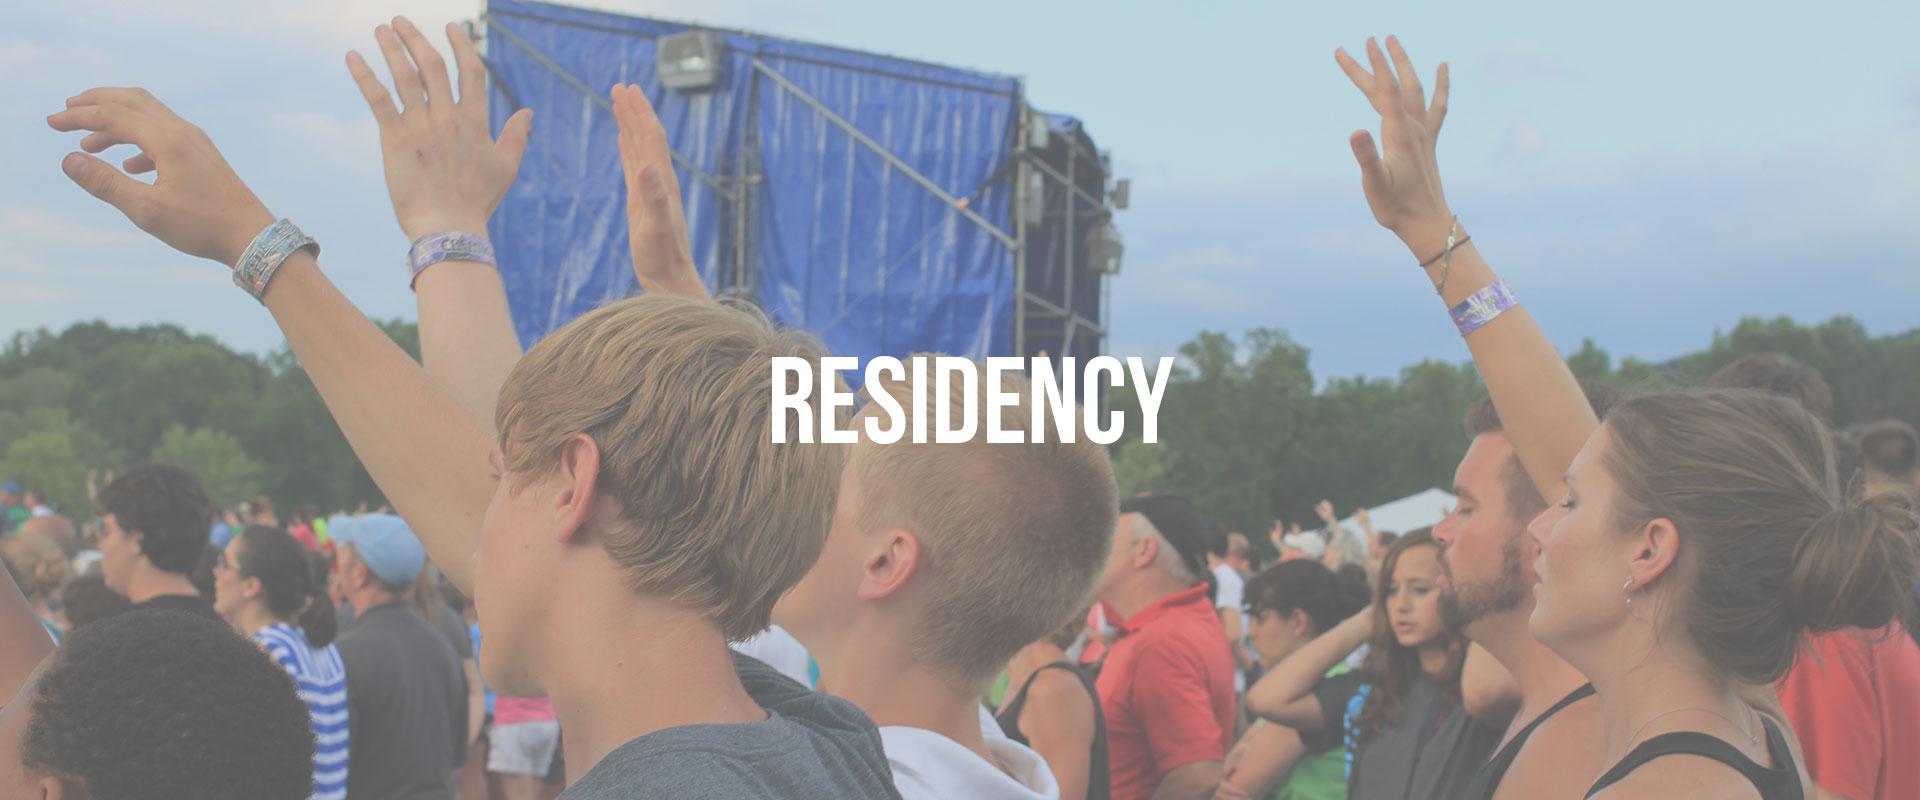 residency-header